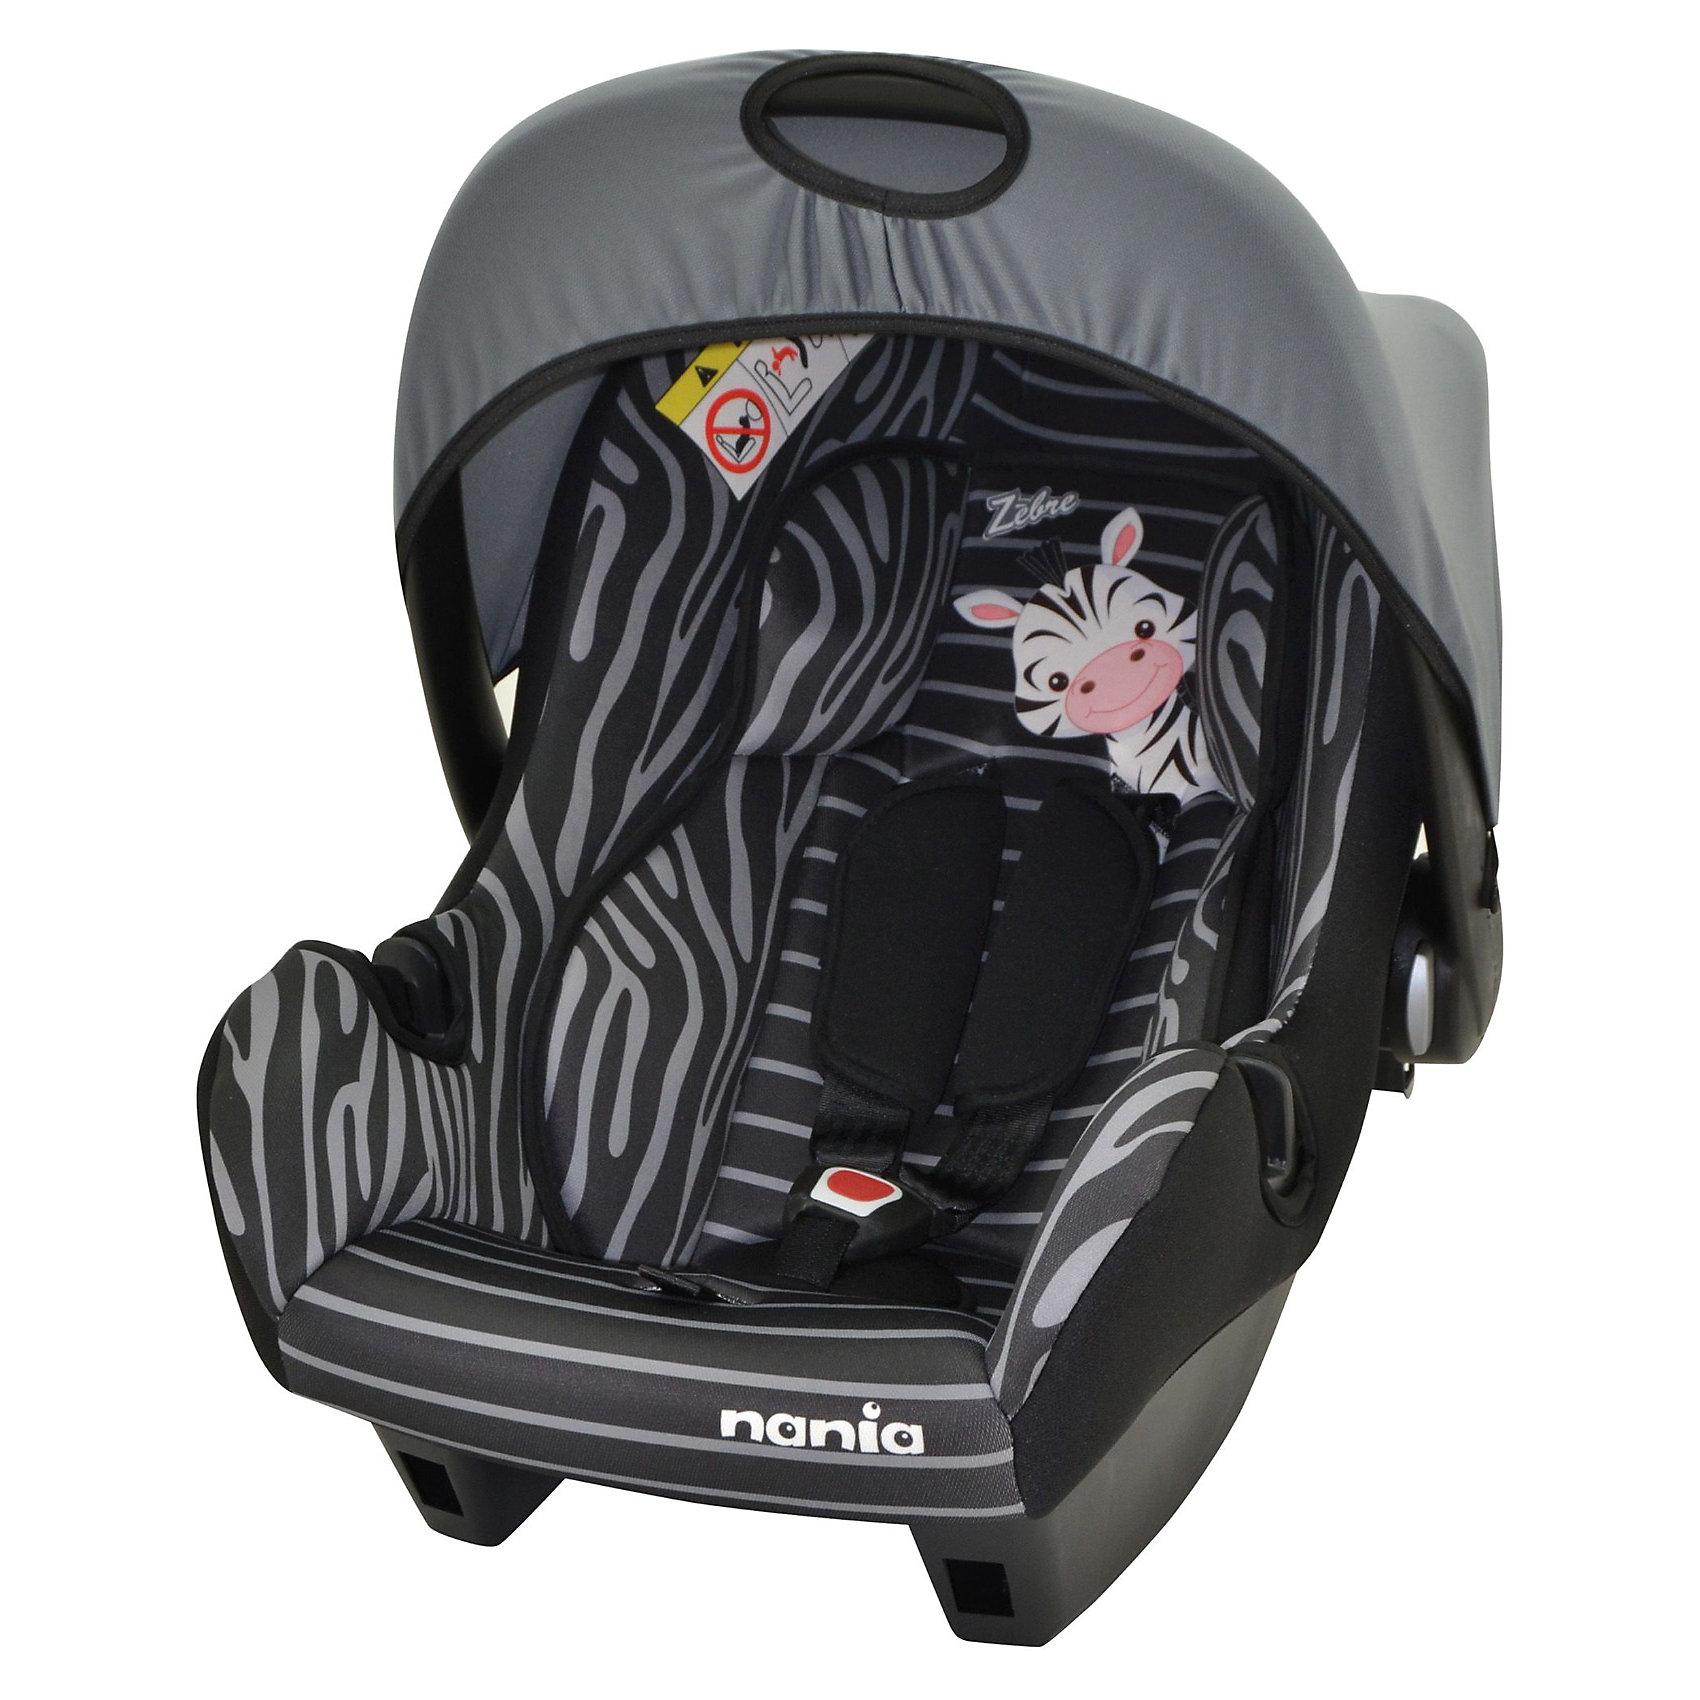 Автокресло Nania Beone SP 0-13 кг, zebraГруппа 0+ (До 13 кг)<br>Автокресло Beone SP от Nania разработано специально для новорожденных и гарантирует комфорт и безопасность маленького пассажира во время поездки в автомобиле. Каркас кресла имеет удобную анатомическую форму и поддерживает неокрепшие мышцы малыша, внутри мягкая подушка. Кресло оснащено регулируемыми 3-точечными ремнями безопасности с 3-мя уровнями регулировки по высоте и мягкими плечевыми накладками. Особая конструкция с двойными стенками и расширением в области головы гарантирует оптимальную защиту при боковом ударе. Солнцезащитный козырек не допускает попадания прямых солнечных лучей и пропускает воздух. Тканевую обивку и подушку можно снимать и стирать при щадящем режиме.<br><br>Кресло также может использоваться как качалка и детская переноска. Имеется эргономичная ручка для транспортировки. Кресло устанавливается на заднем сиденье против хода движения автомобиля при помощи штатных ремней безопасности. Благодаря специальной системе крепления автокресло Beone SP легко и надежно фиксируется в автомобиле.<br><br>Автокресло Beone SP рассчитано на детей с рождения до 12 мес., весом 0-13 кг.<br>     <br>Дополнительная информация:<br><br>- Цвет: zebra (зебра).<br>- Материал: полиэстер, пластик.<br>- Внешние размеры: 70 х 47 х 40 см.<br>- Внутренние размеры: 32 х 30 см.<br>- Высота спинки: 46 см.<br>- Вес: 3,2 кг. <br><br>Автокресло Beone SP Nania можно купить в нашем интернет-магазине.<br><br>Ширина мм: 390<br>Глубина мм: 720<br>Высота мм: 400<br>Вес г: 7690<br>Возраст от месяцев: 0<br>Возраст до месяцев: 12<br>Пол: Унисекс<br>Возраст: Детский<br>SKU: 3607050